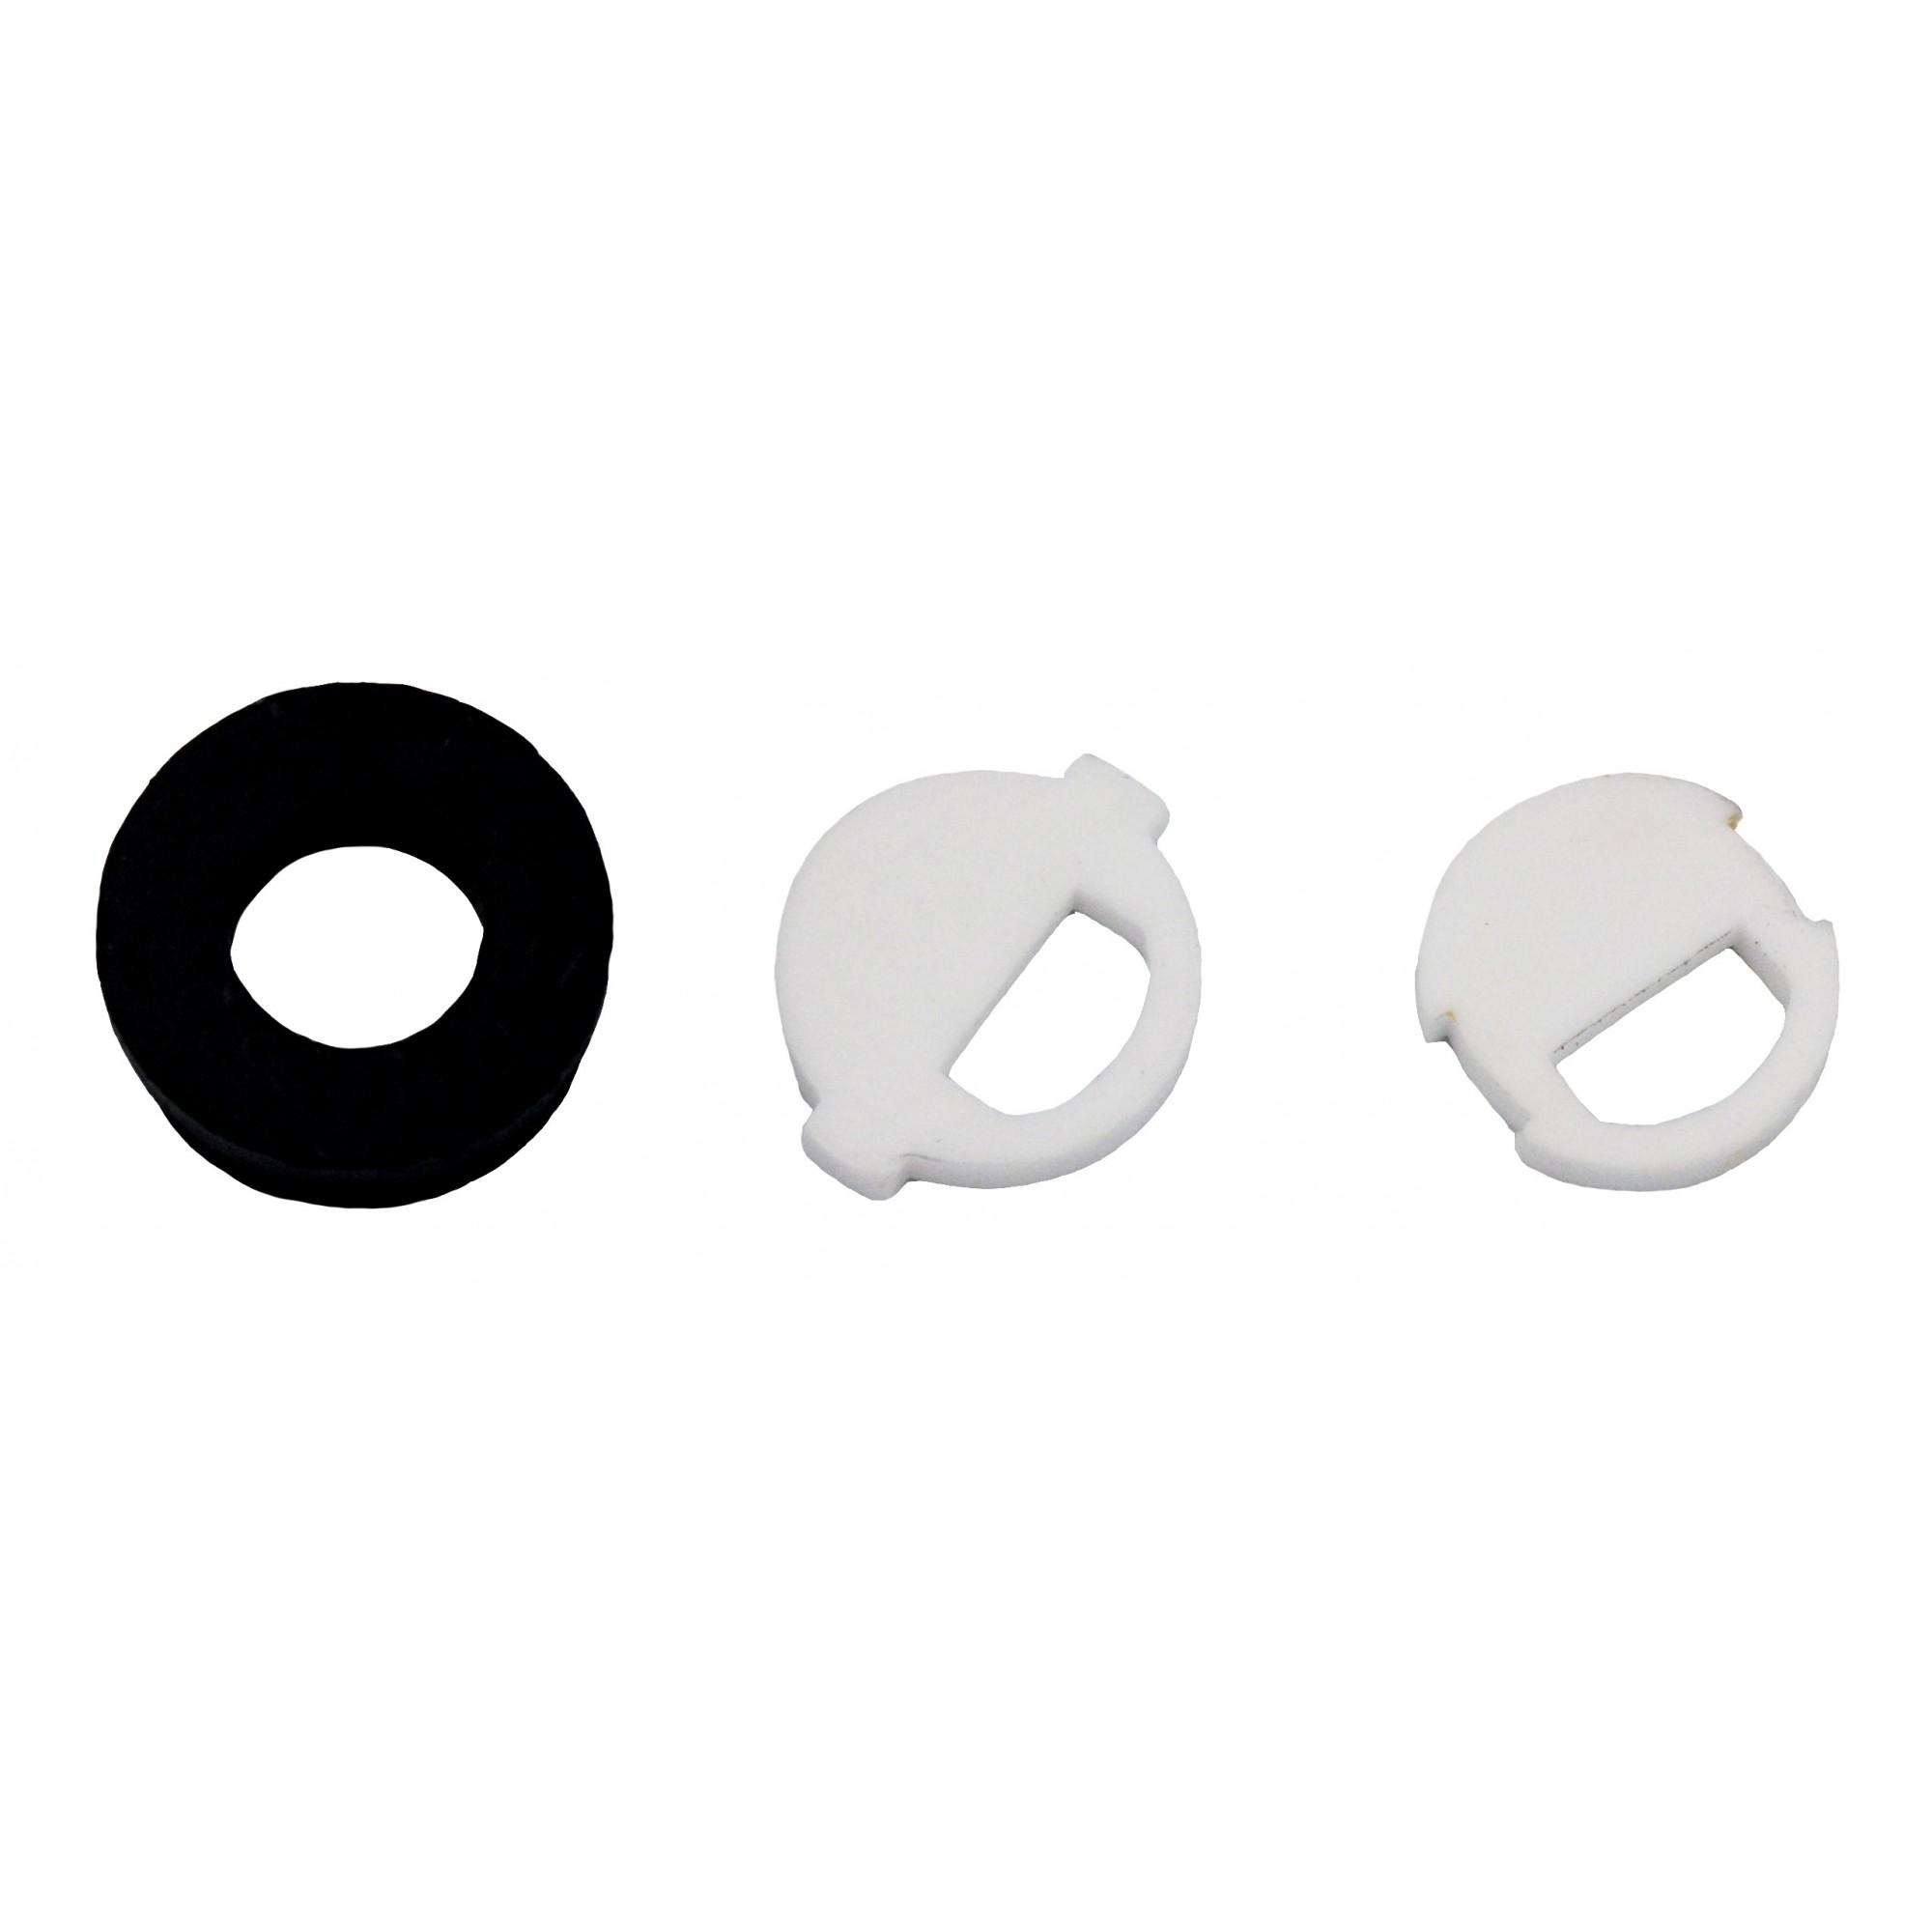 Набор прокладок для отечественной буксы упаковка 10 штук ANGO